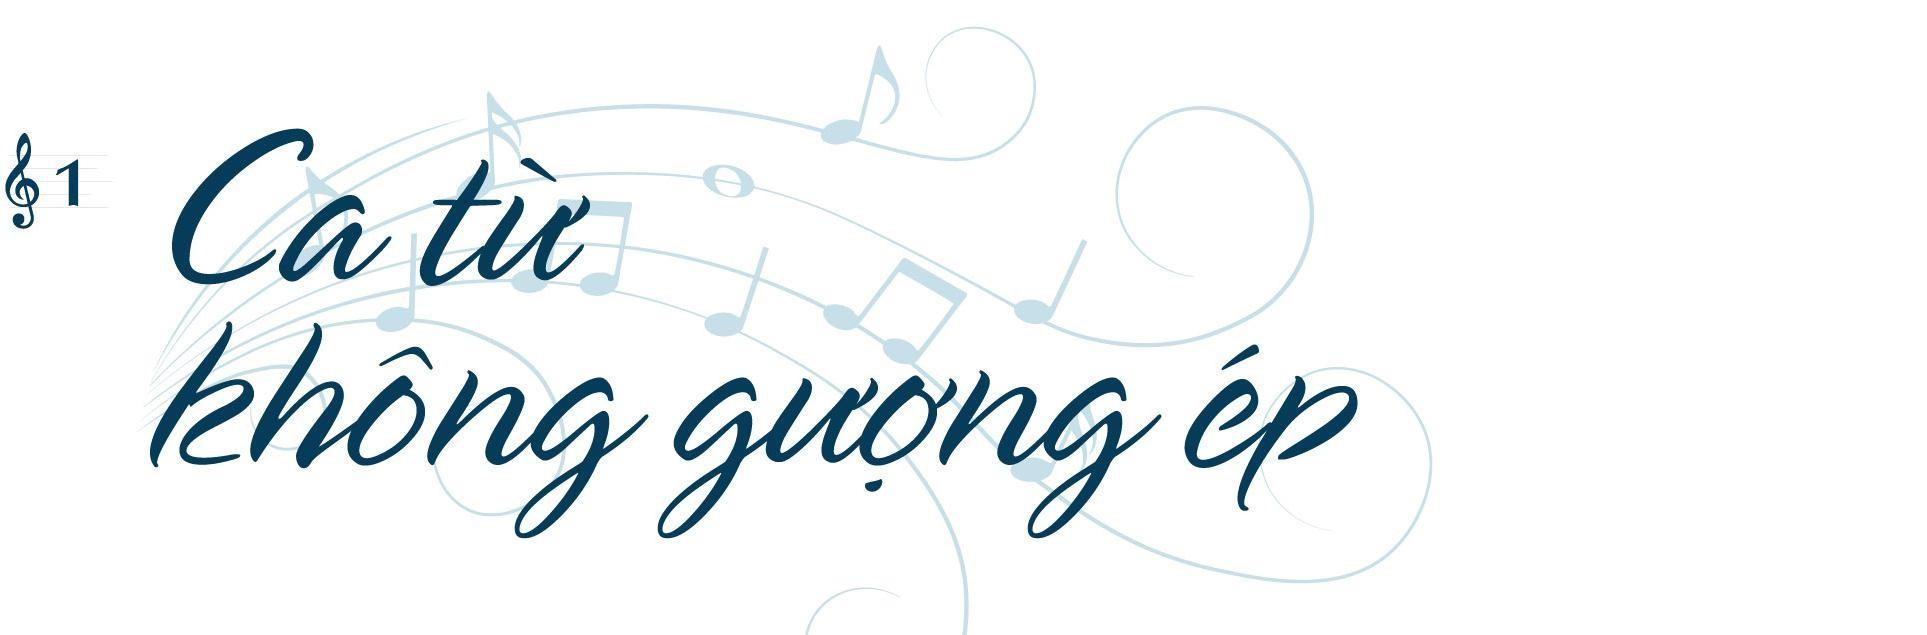 Nhạc sĩ An Hiếu: Chưa vơi cảm hứng viết ca khúc về Đoàn ảnh 1